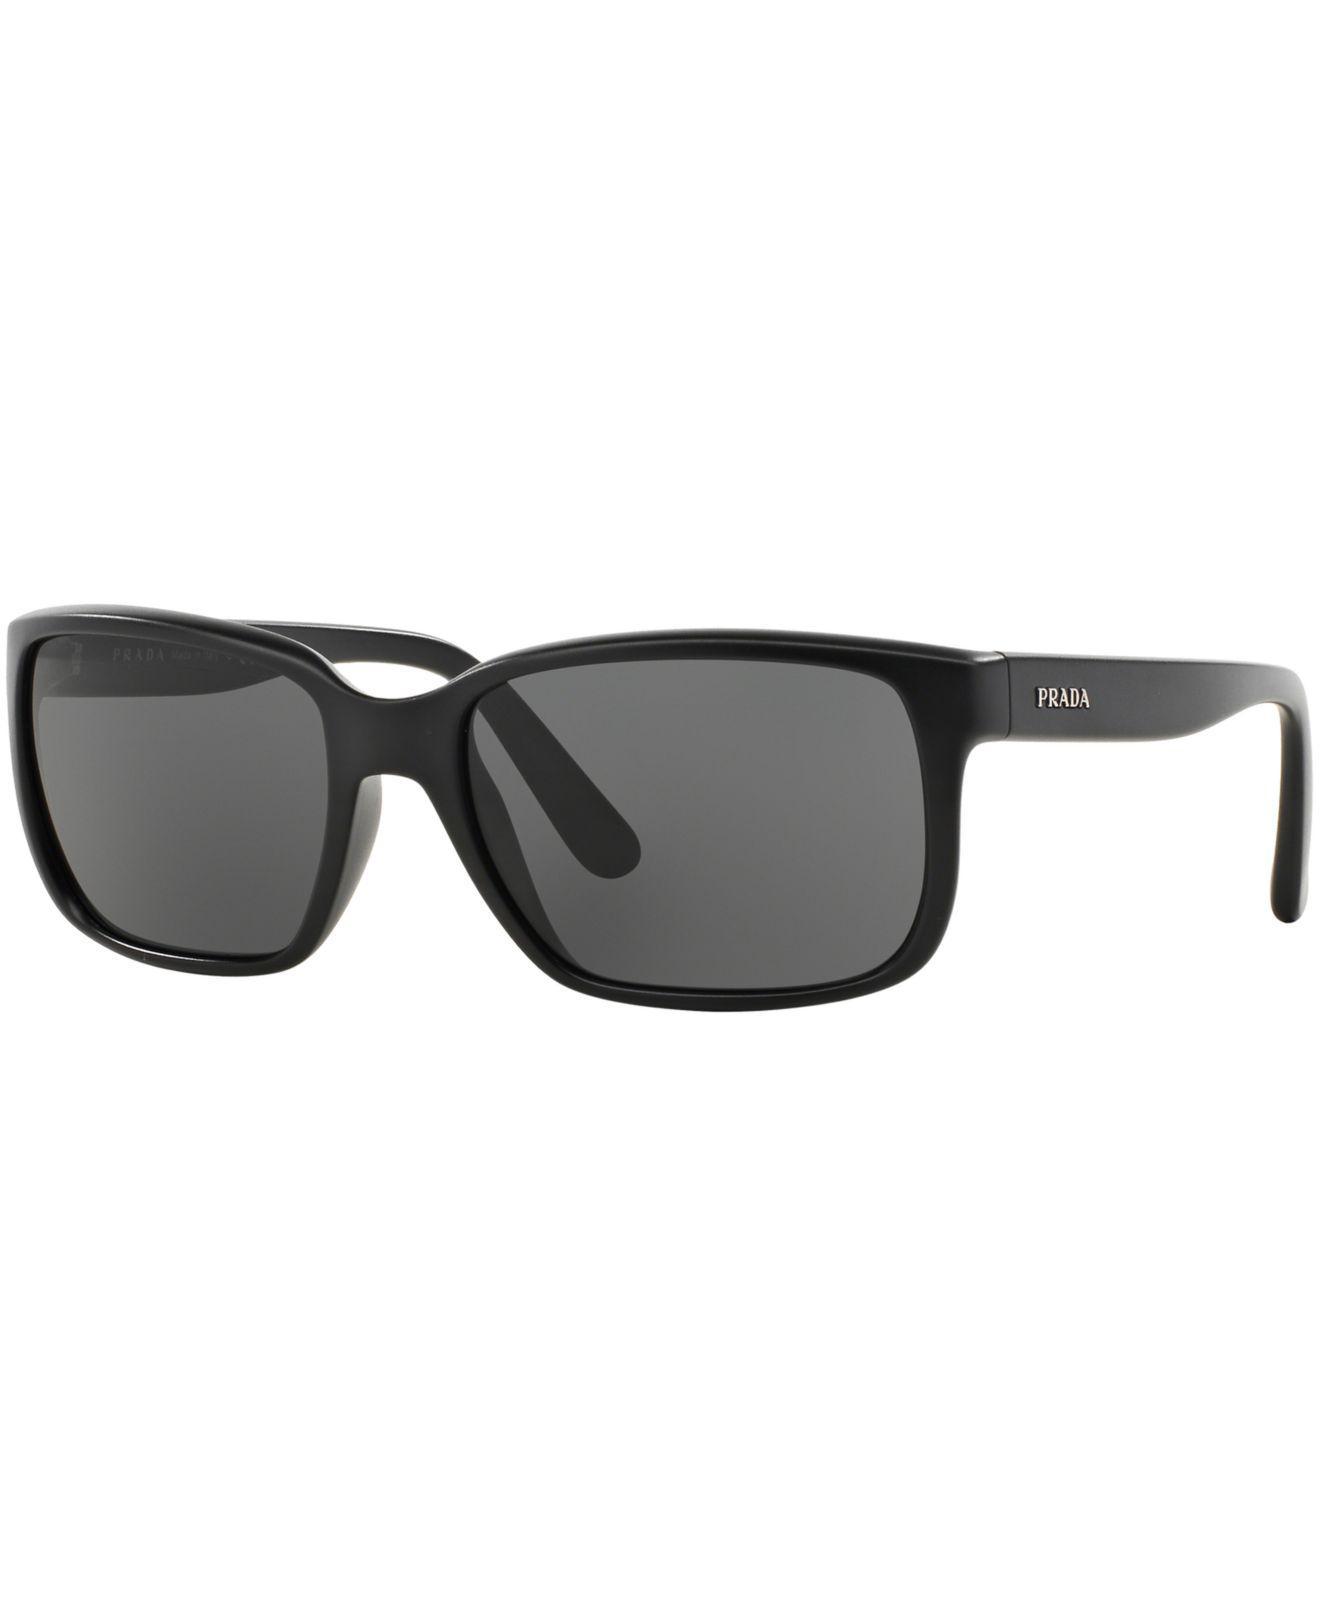 9ef2452644f Prada - Black Sunglasses